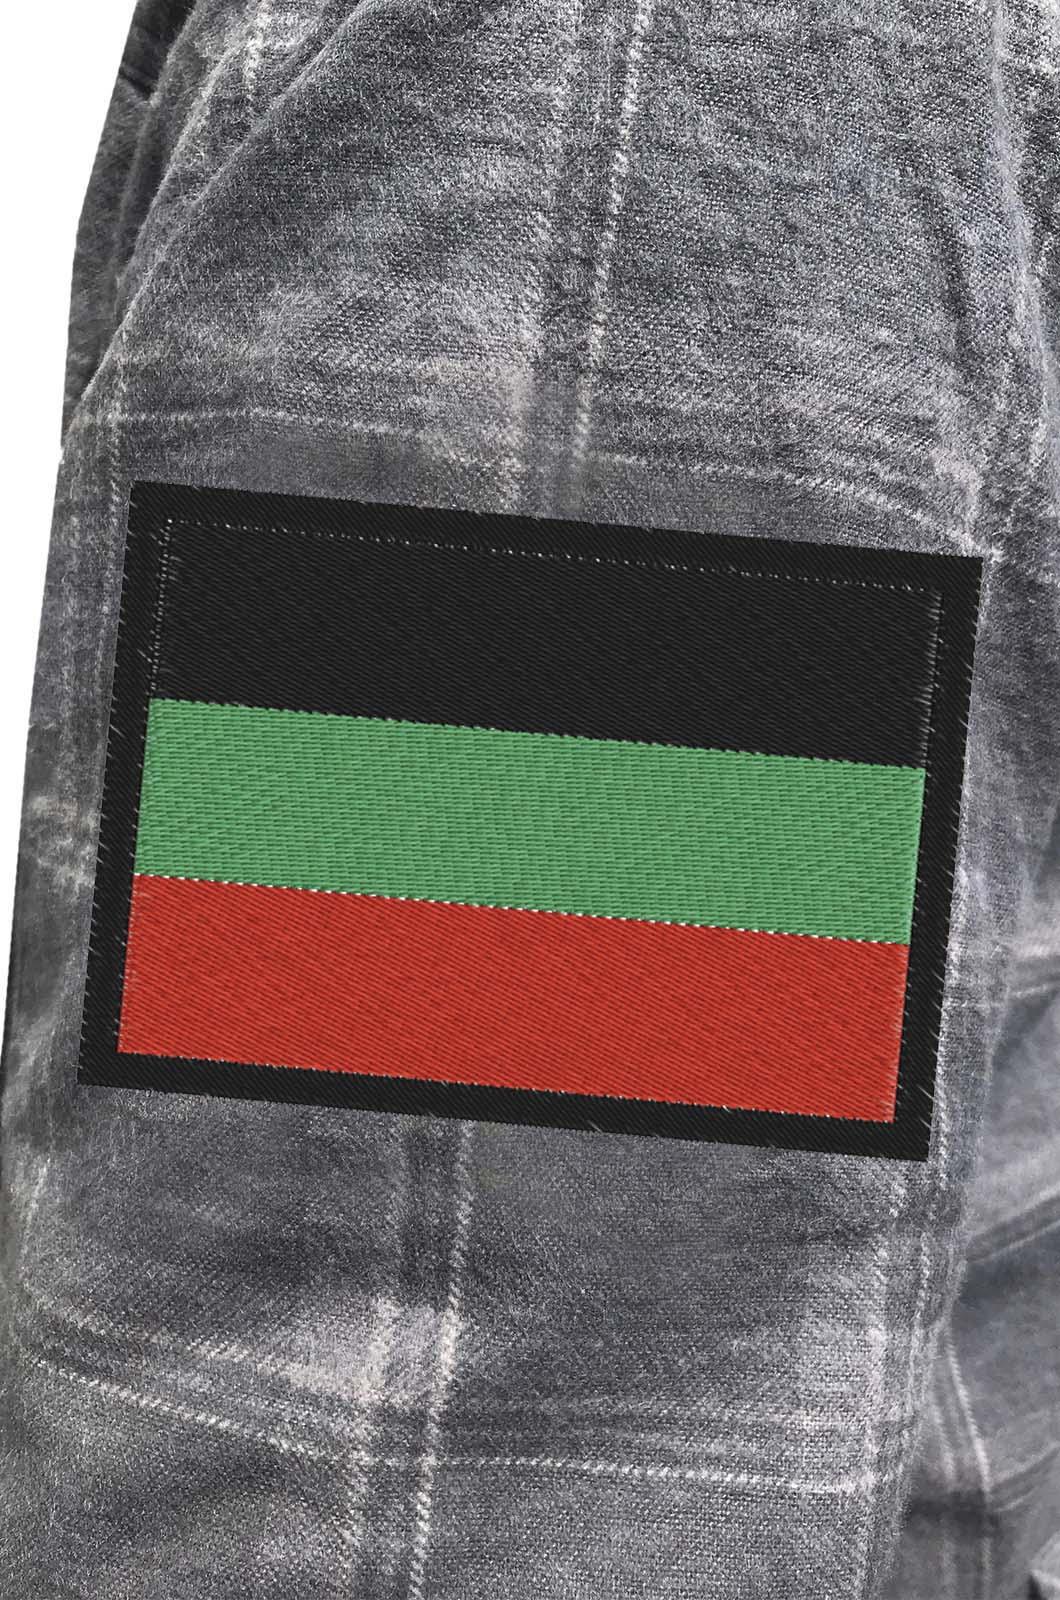 Утепленная рубашка с вышитым шевроном Казачества Терского - заказать с доставкой